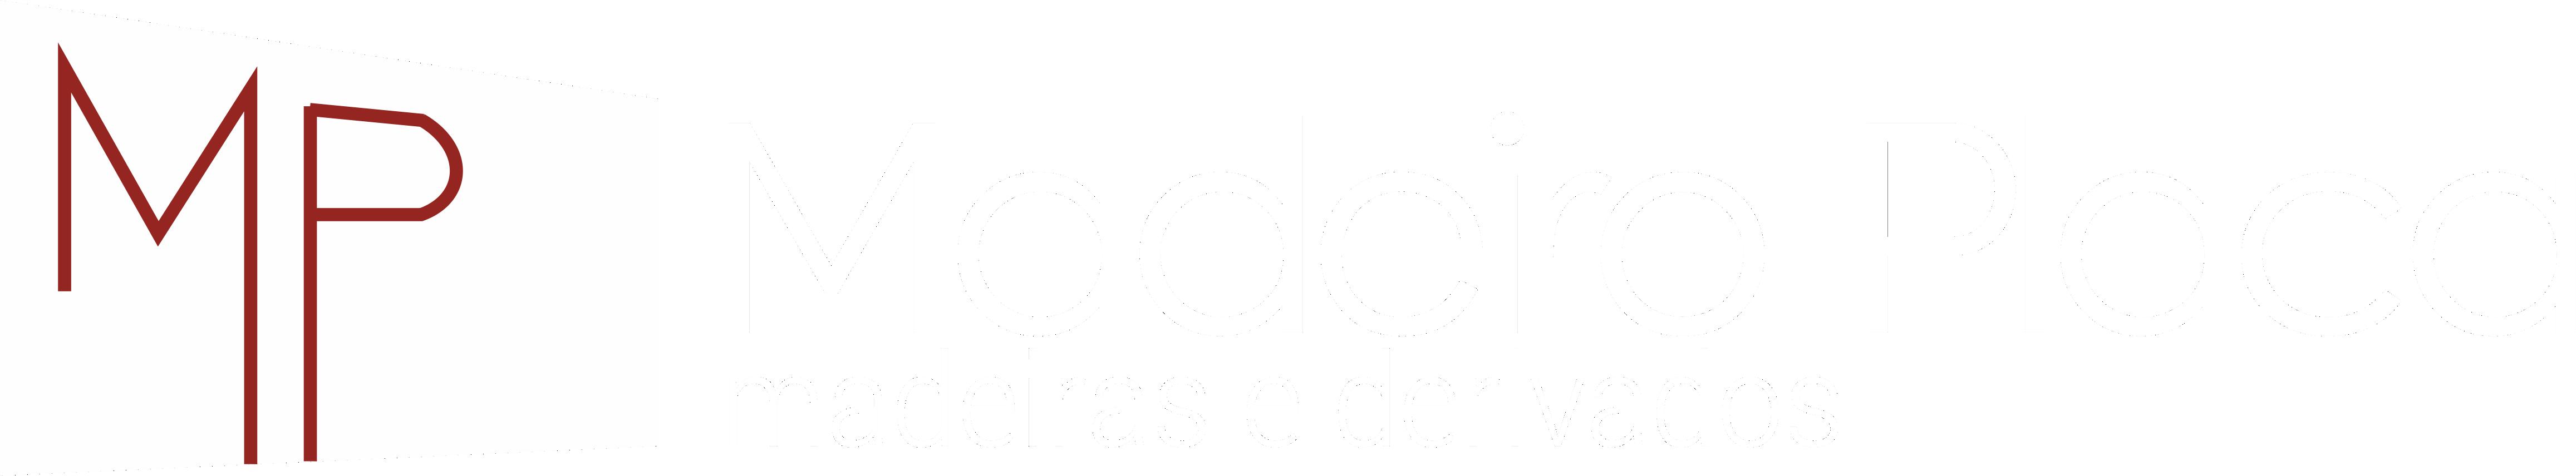 Madeiro Placa